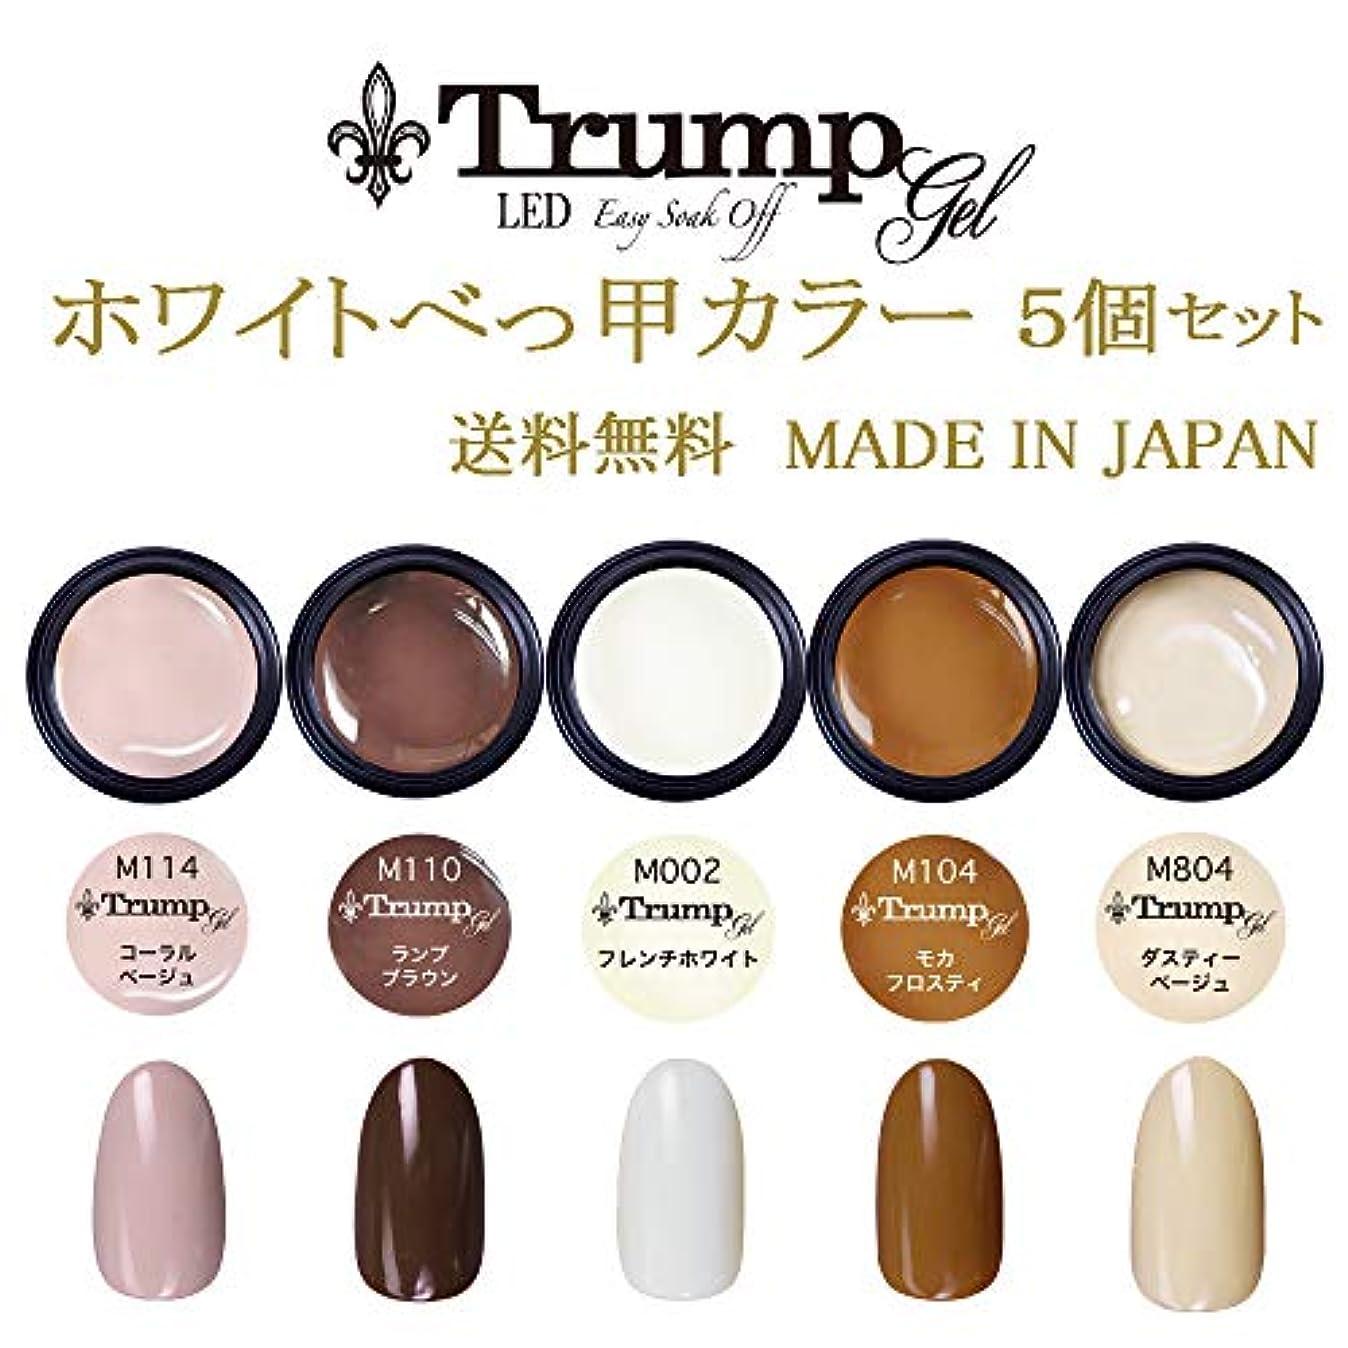 差別的クリエイティブ差別的【送料無料】日本製 Trump gel トランプジェルホワイトべっ甲カラージェル 5個セット スタイリッシュでオシャレな 白べっ甲カラージェルセット